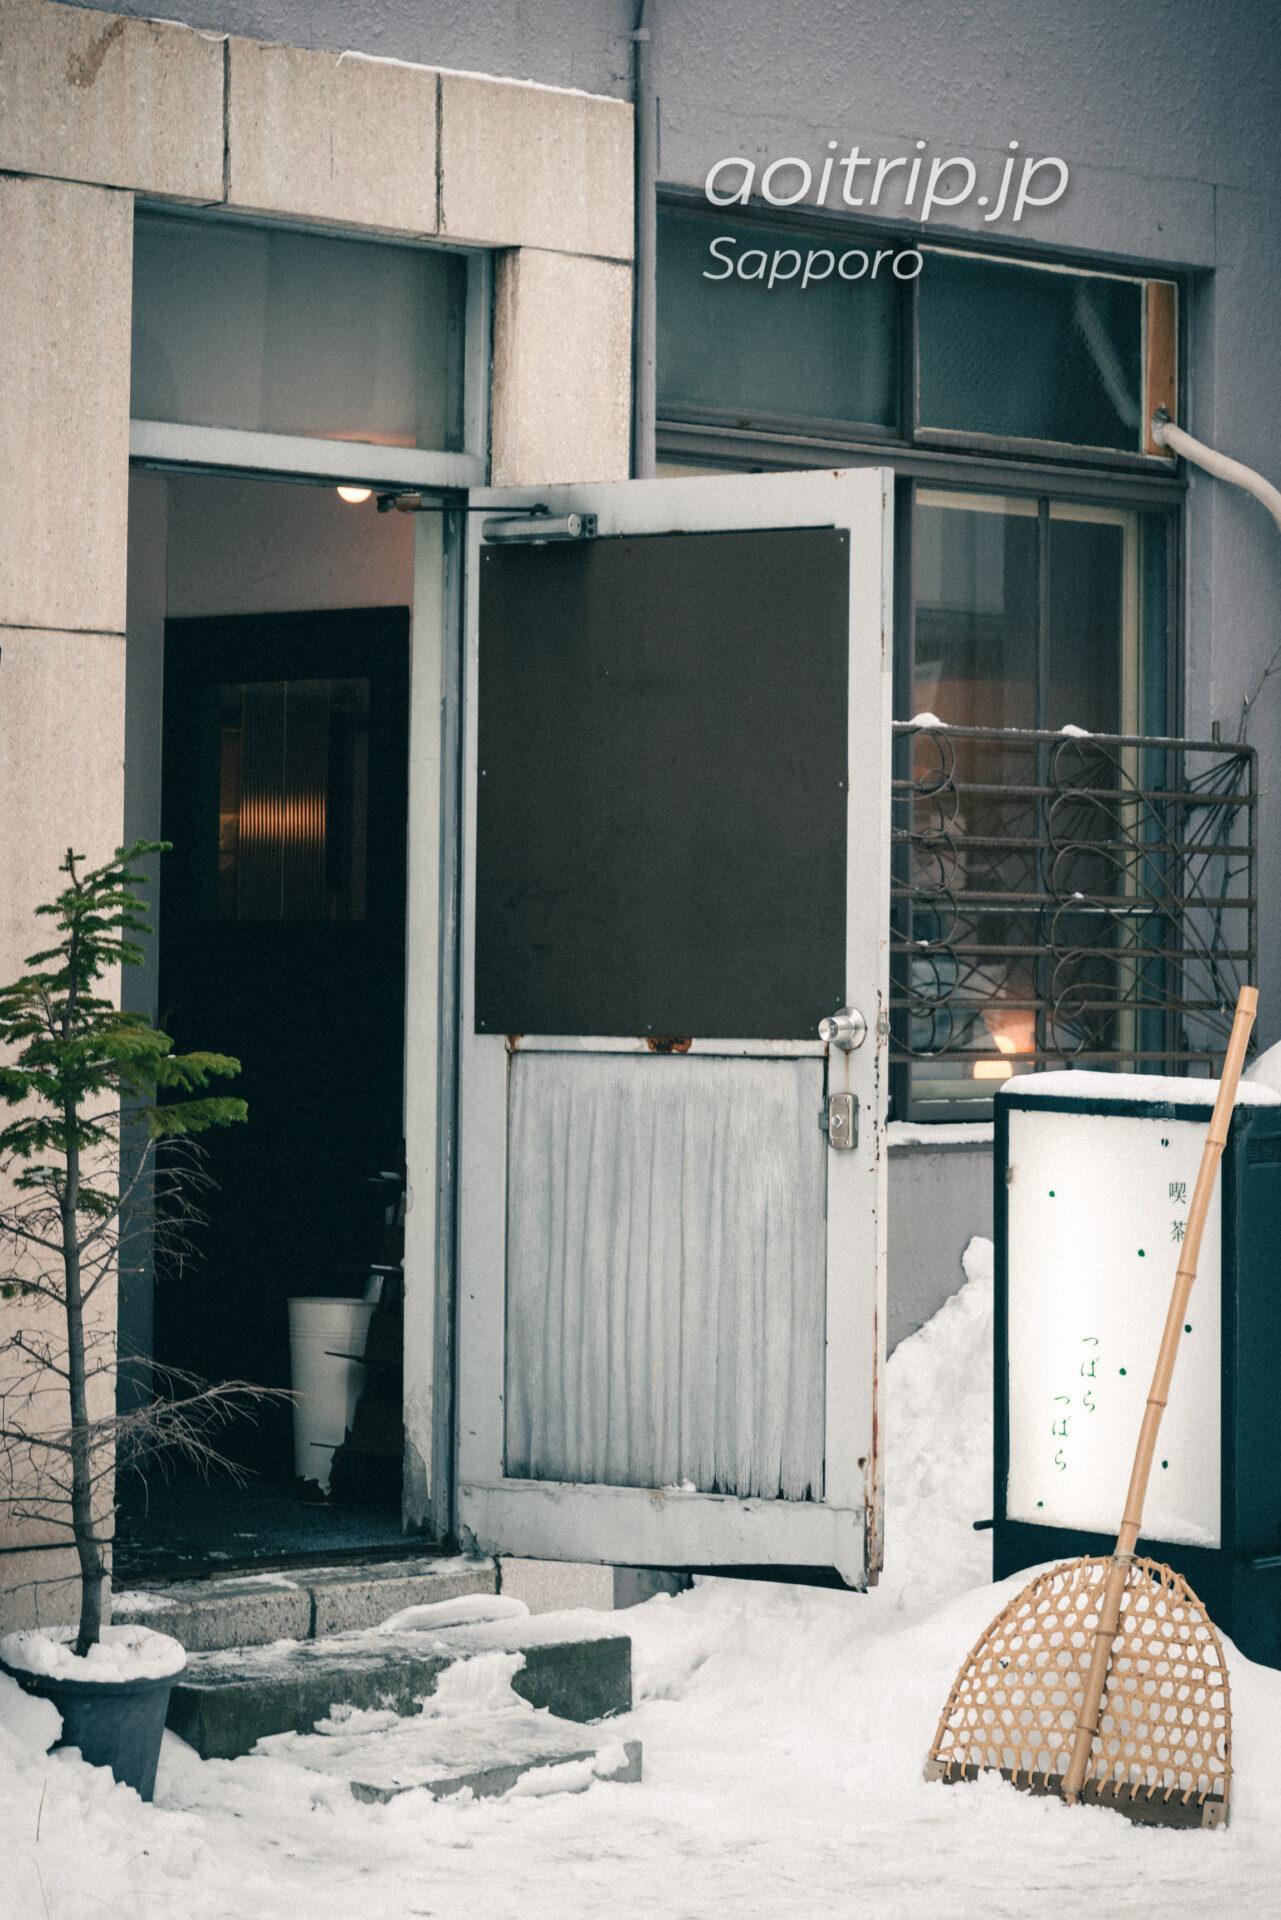 札幌 喫茶つばらつばらの外観・入り口